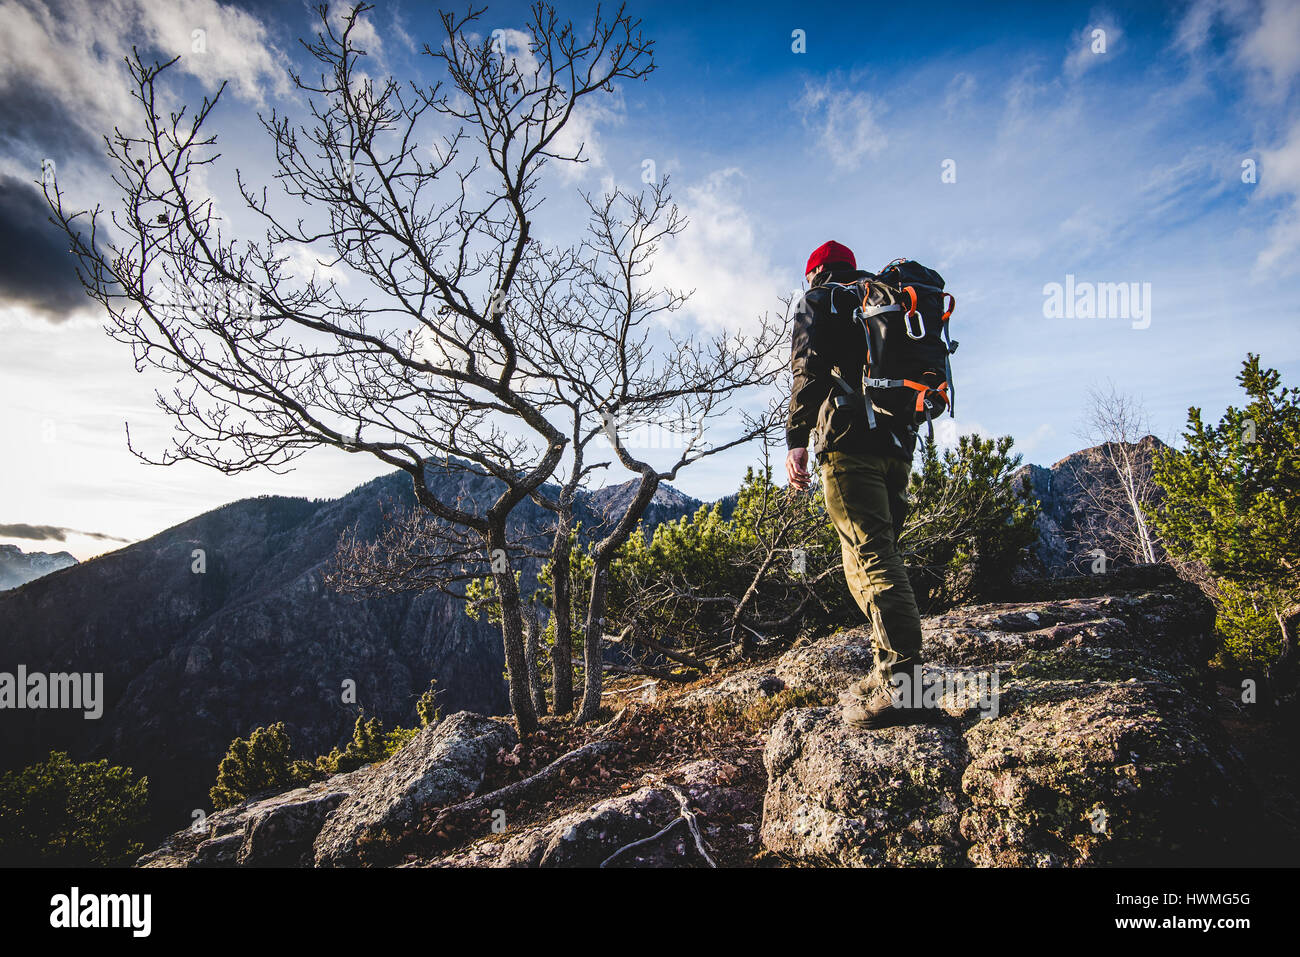 Wanderer zu Fuß auf einem Bergweg in den Wald - Fernweh Reisekonzept mit sportlichen Menschen auf der Exkursion Stockfoto